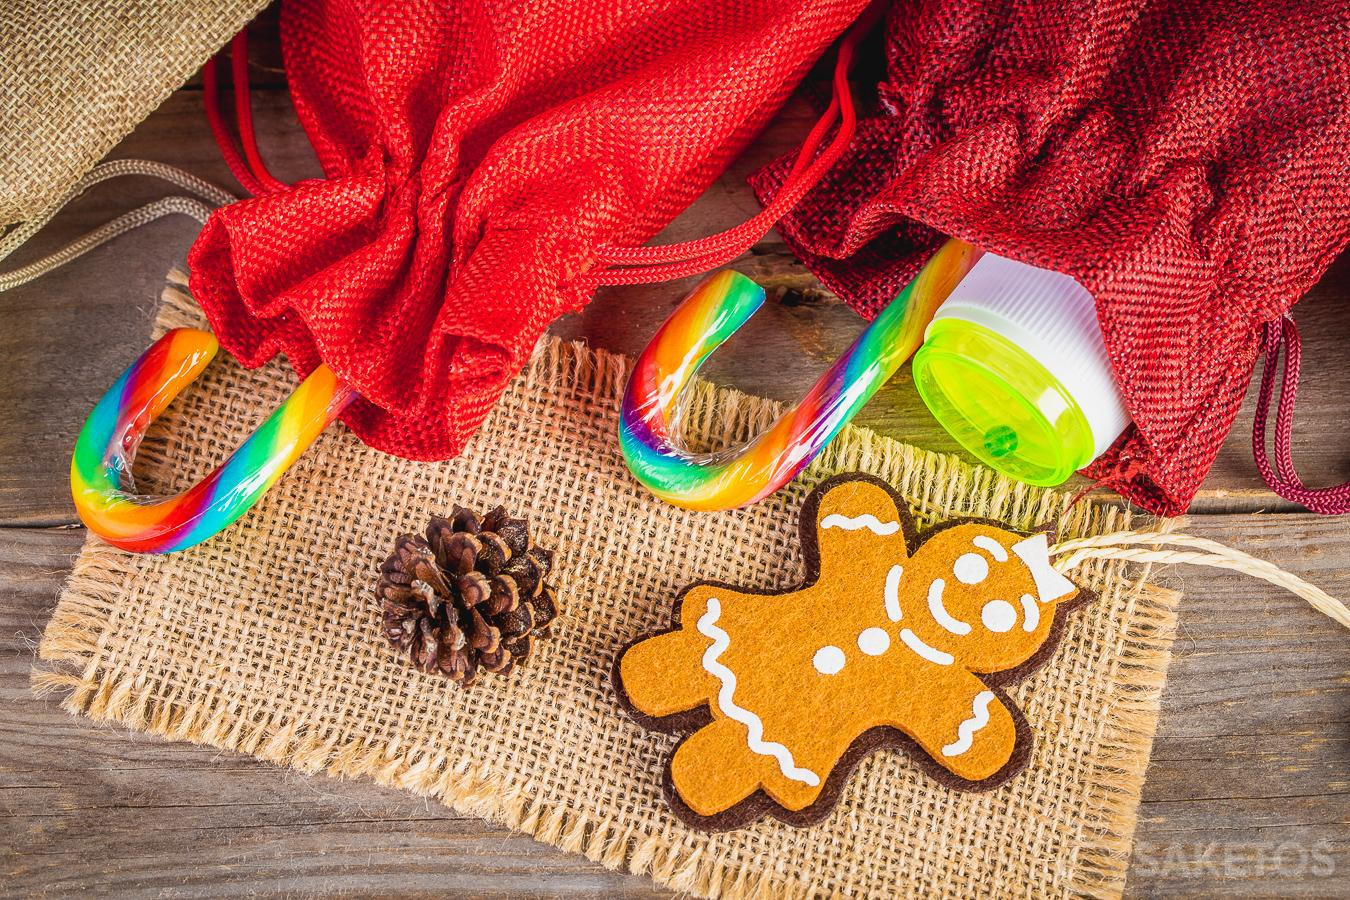 Embalaje perfecto para regalos de Navidad